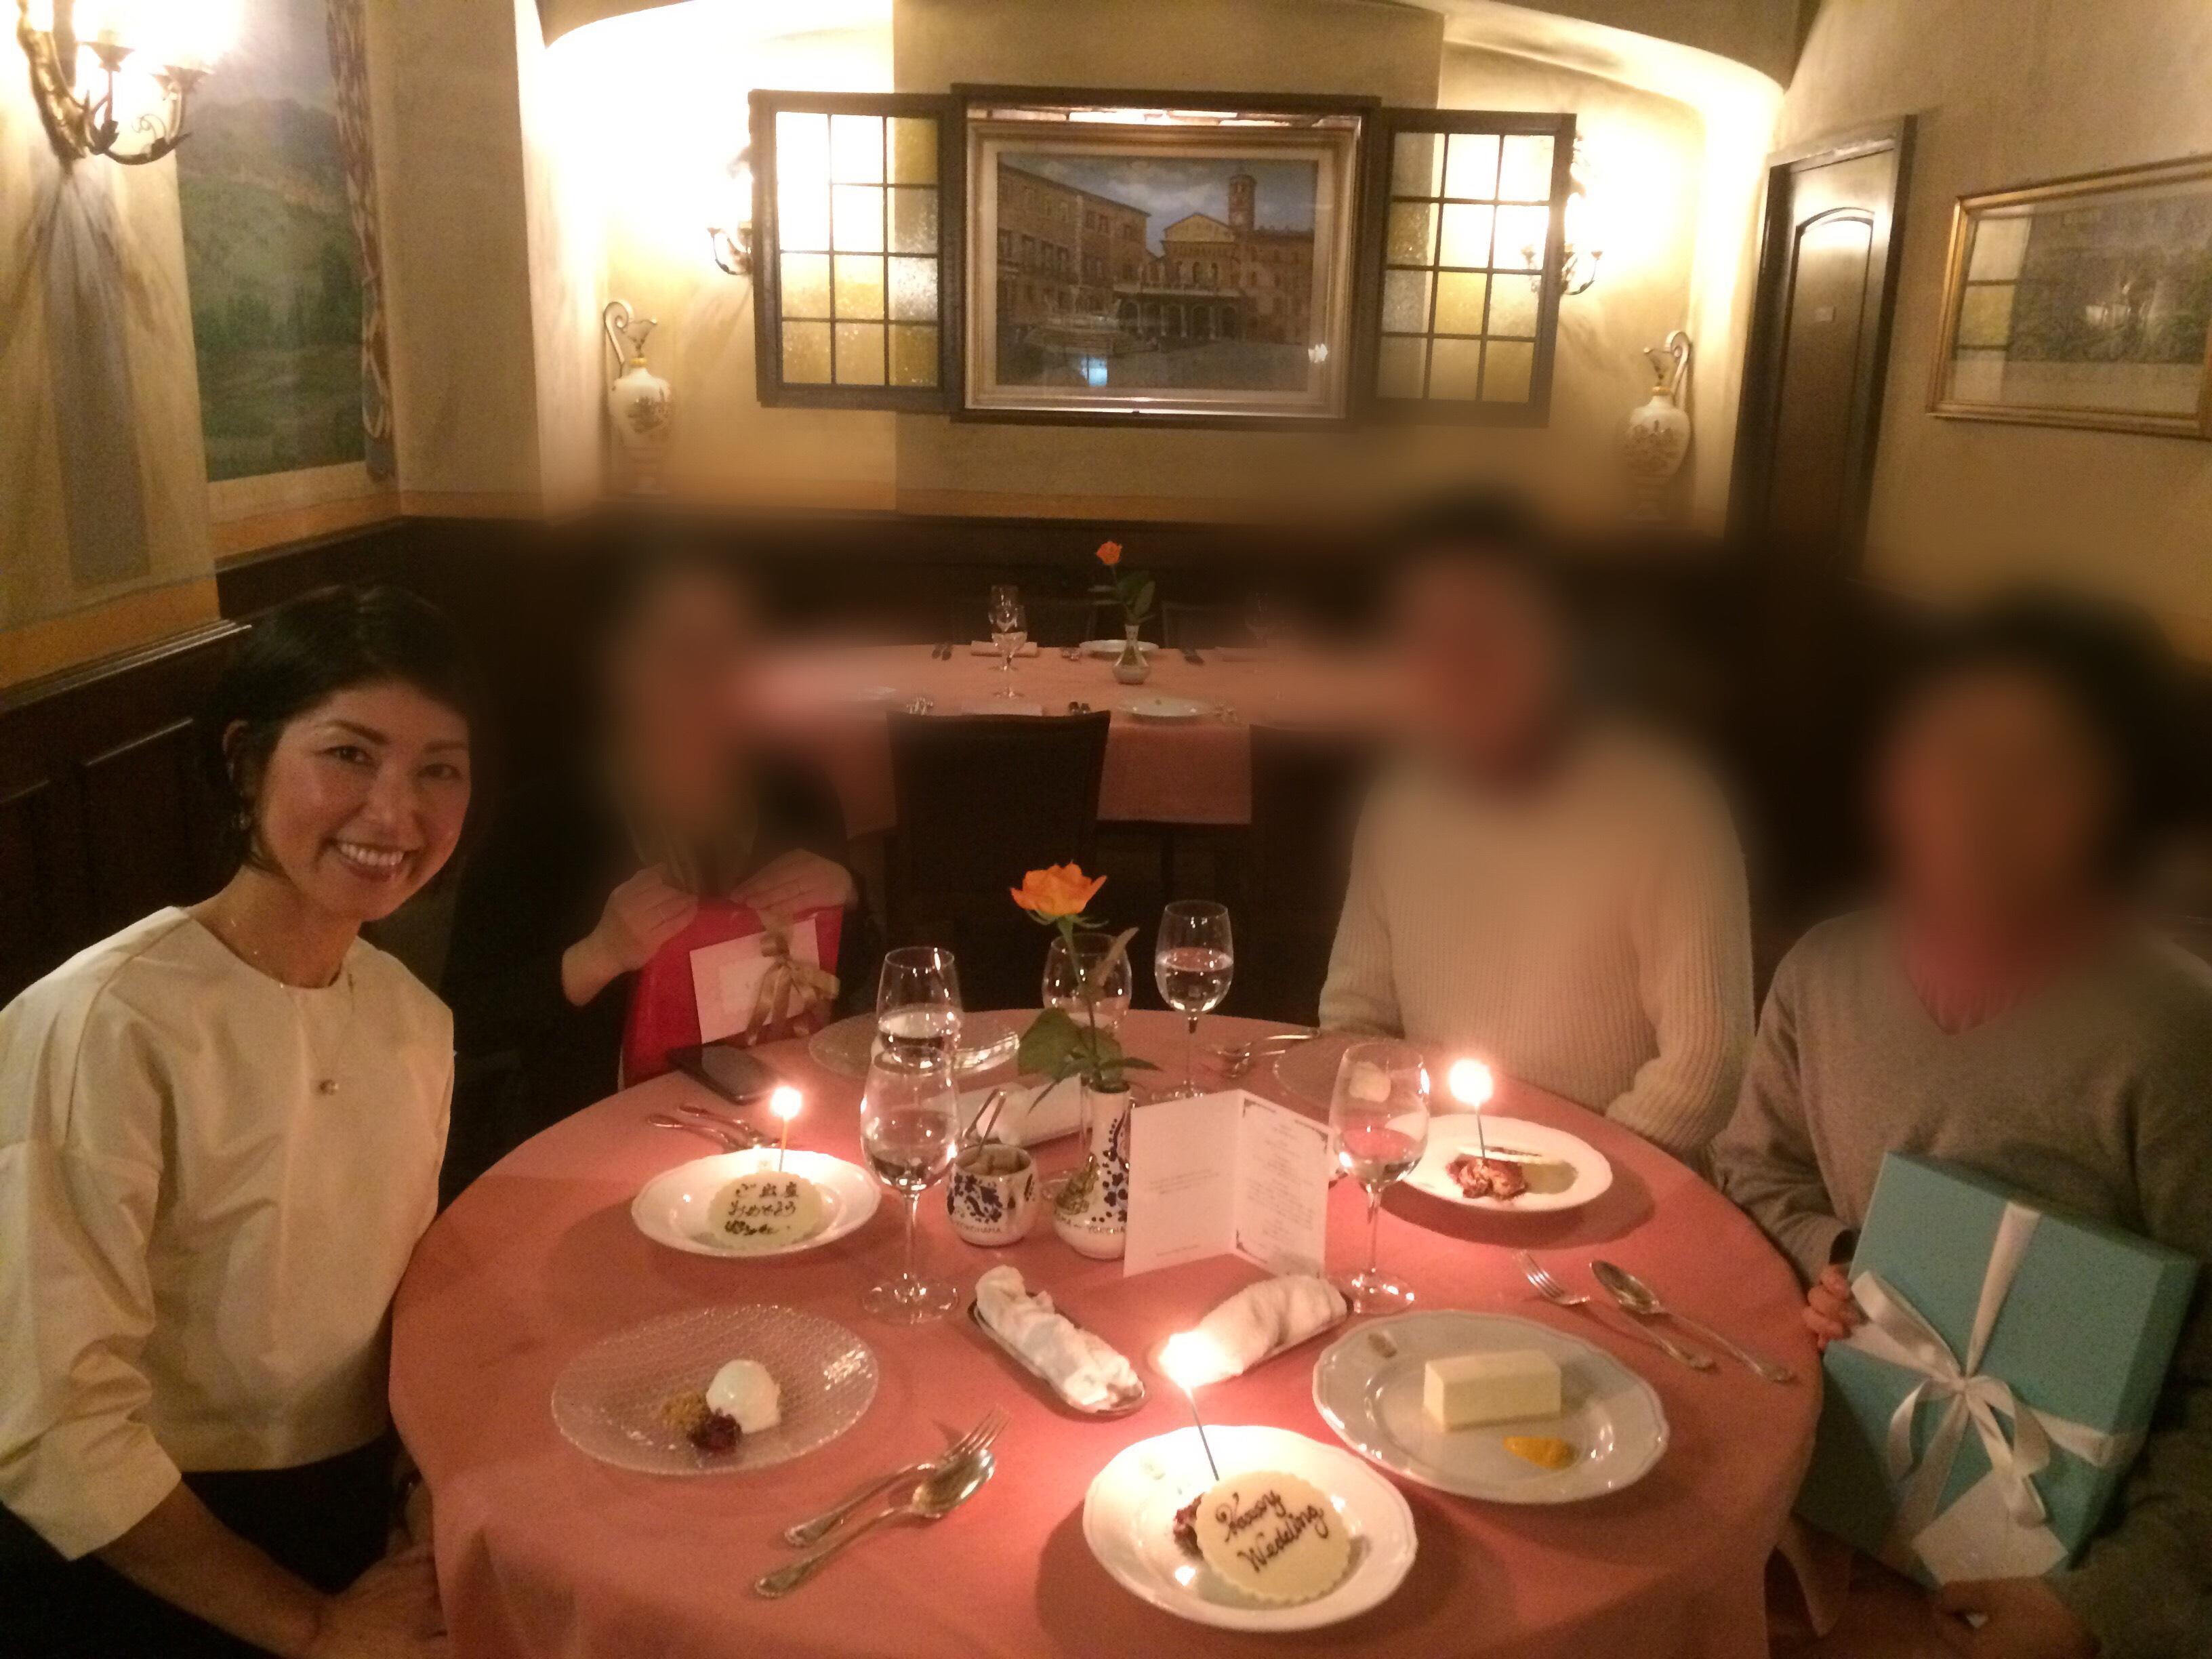 【成婚退会レポート13】34歳同士のカップル・活動期間4ヶ月